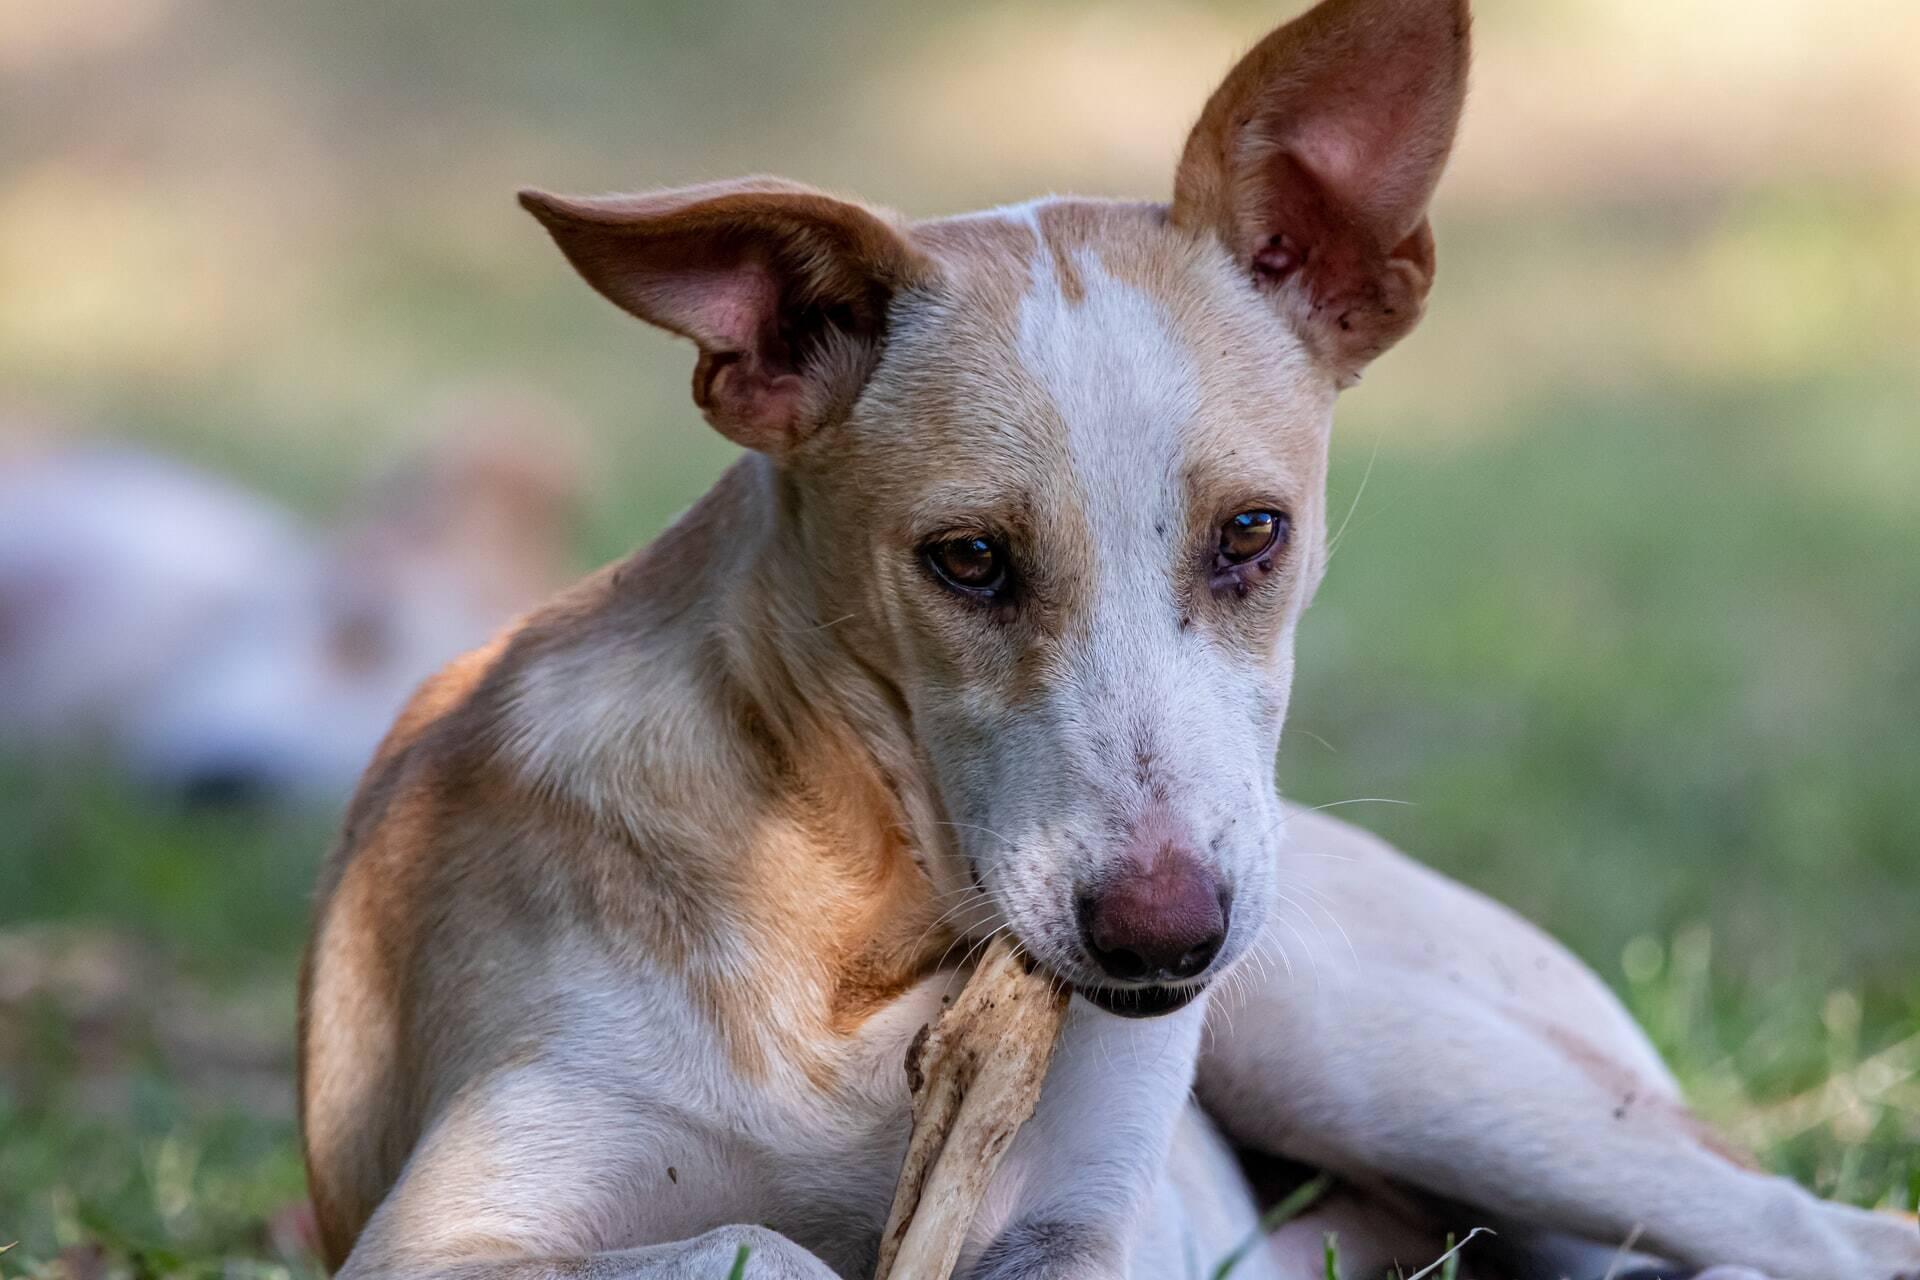 Saiba o que fazer se a urina do seu cão estiver arruinando o quintal de casa